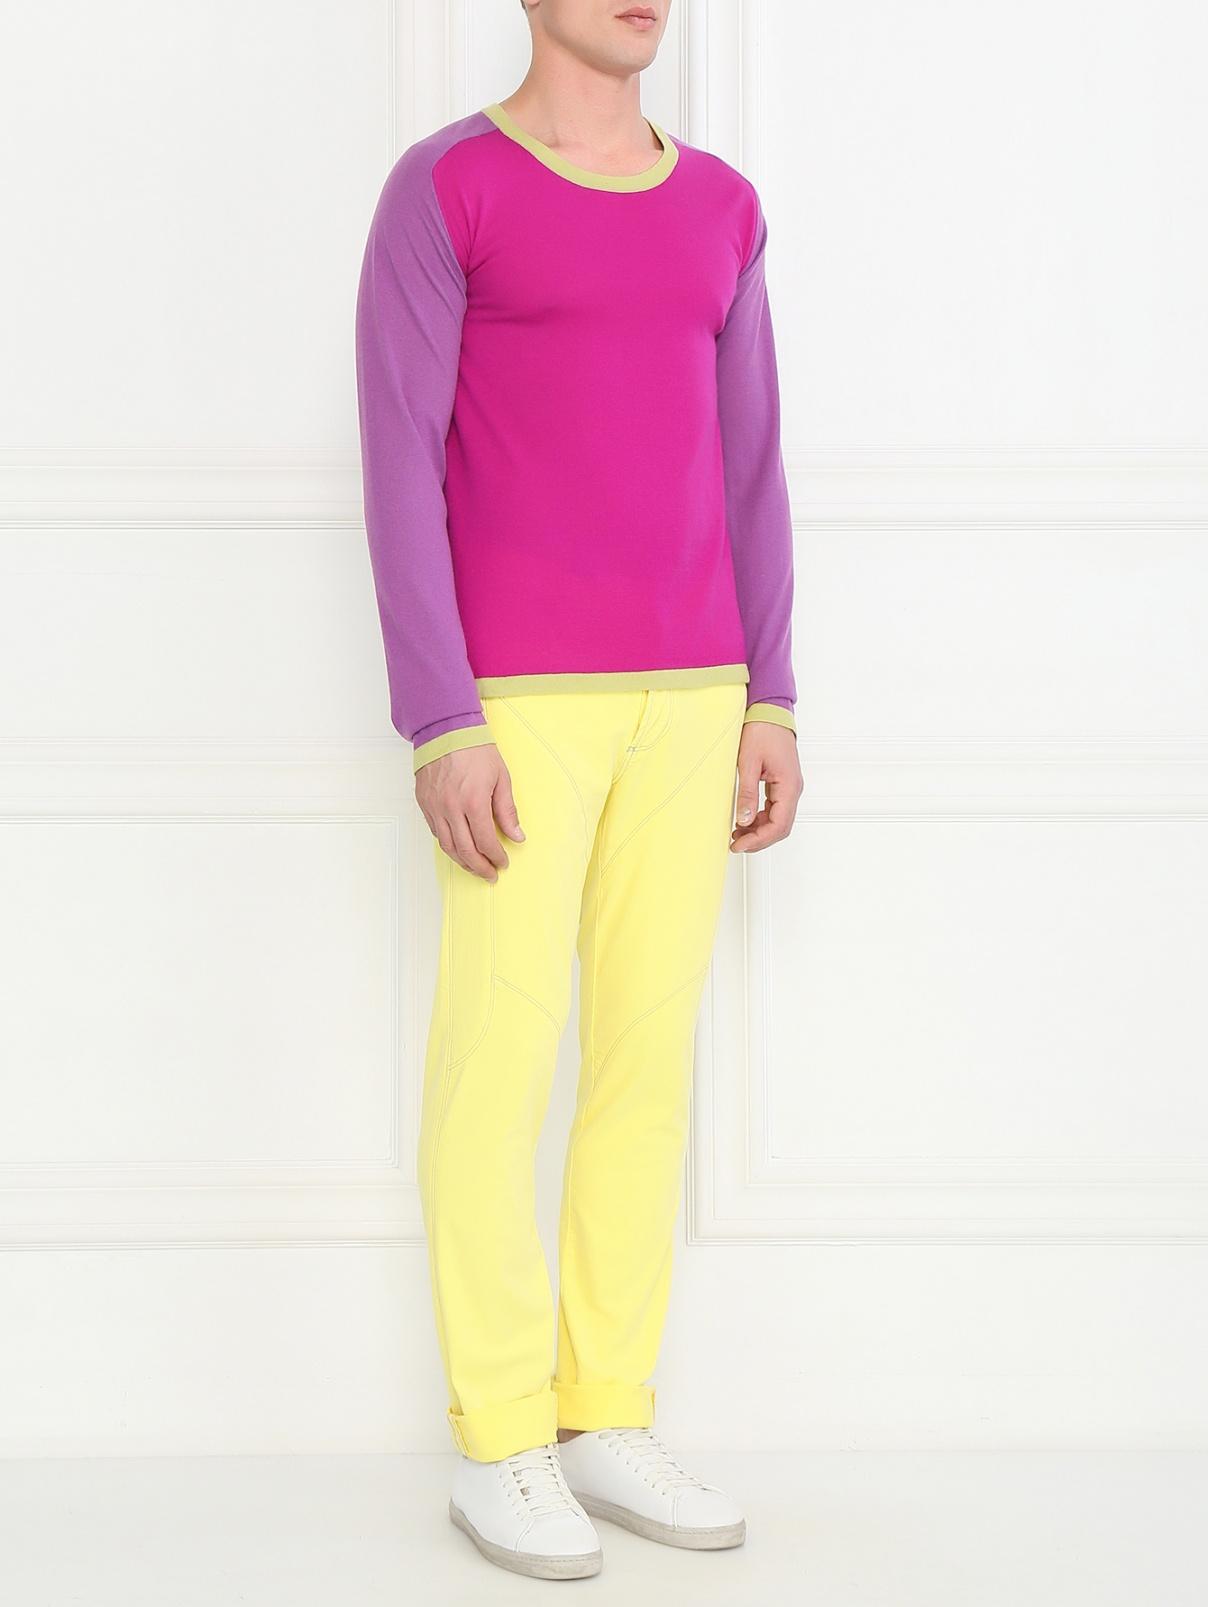 Джинсы с контрастной строчкой узкого кроя Belfe  –  Модель Общий вид  – Цвет:  Желтый